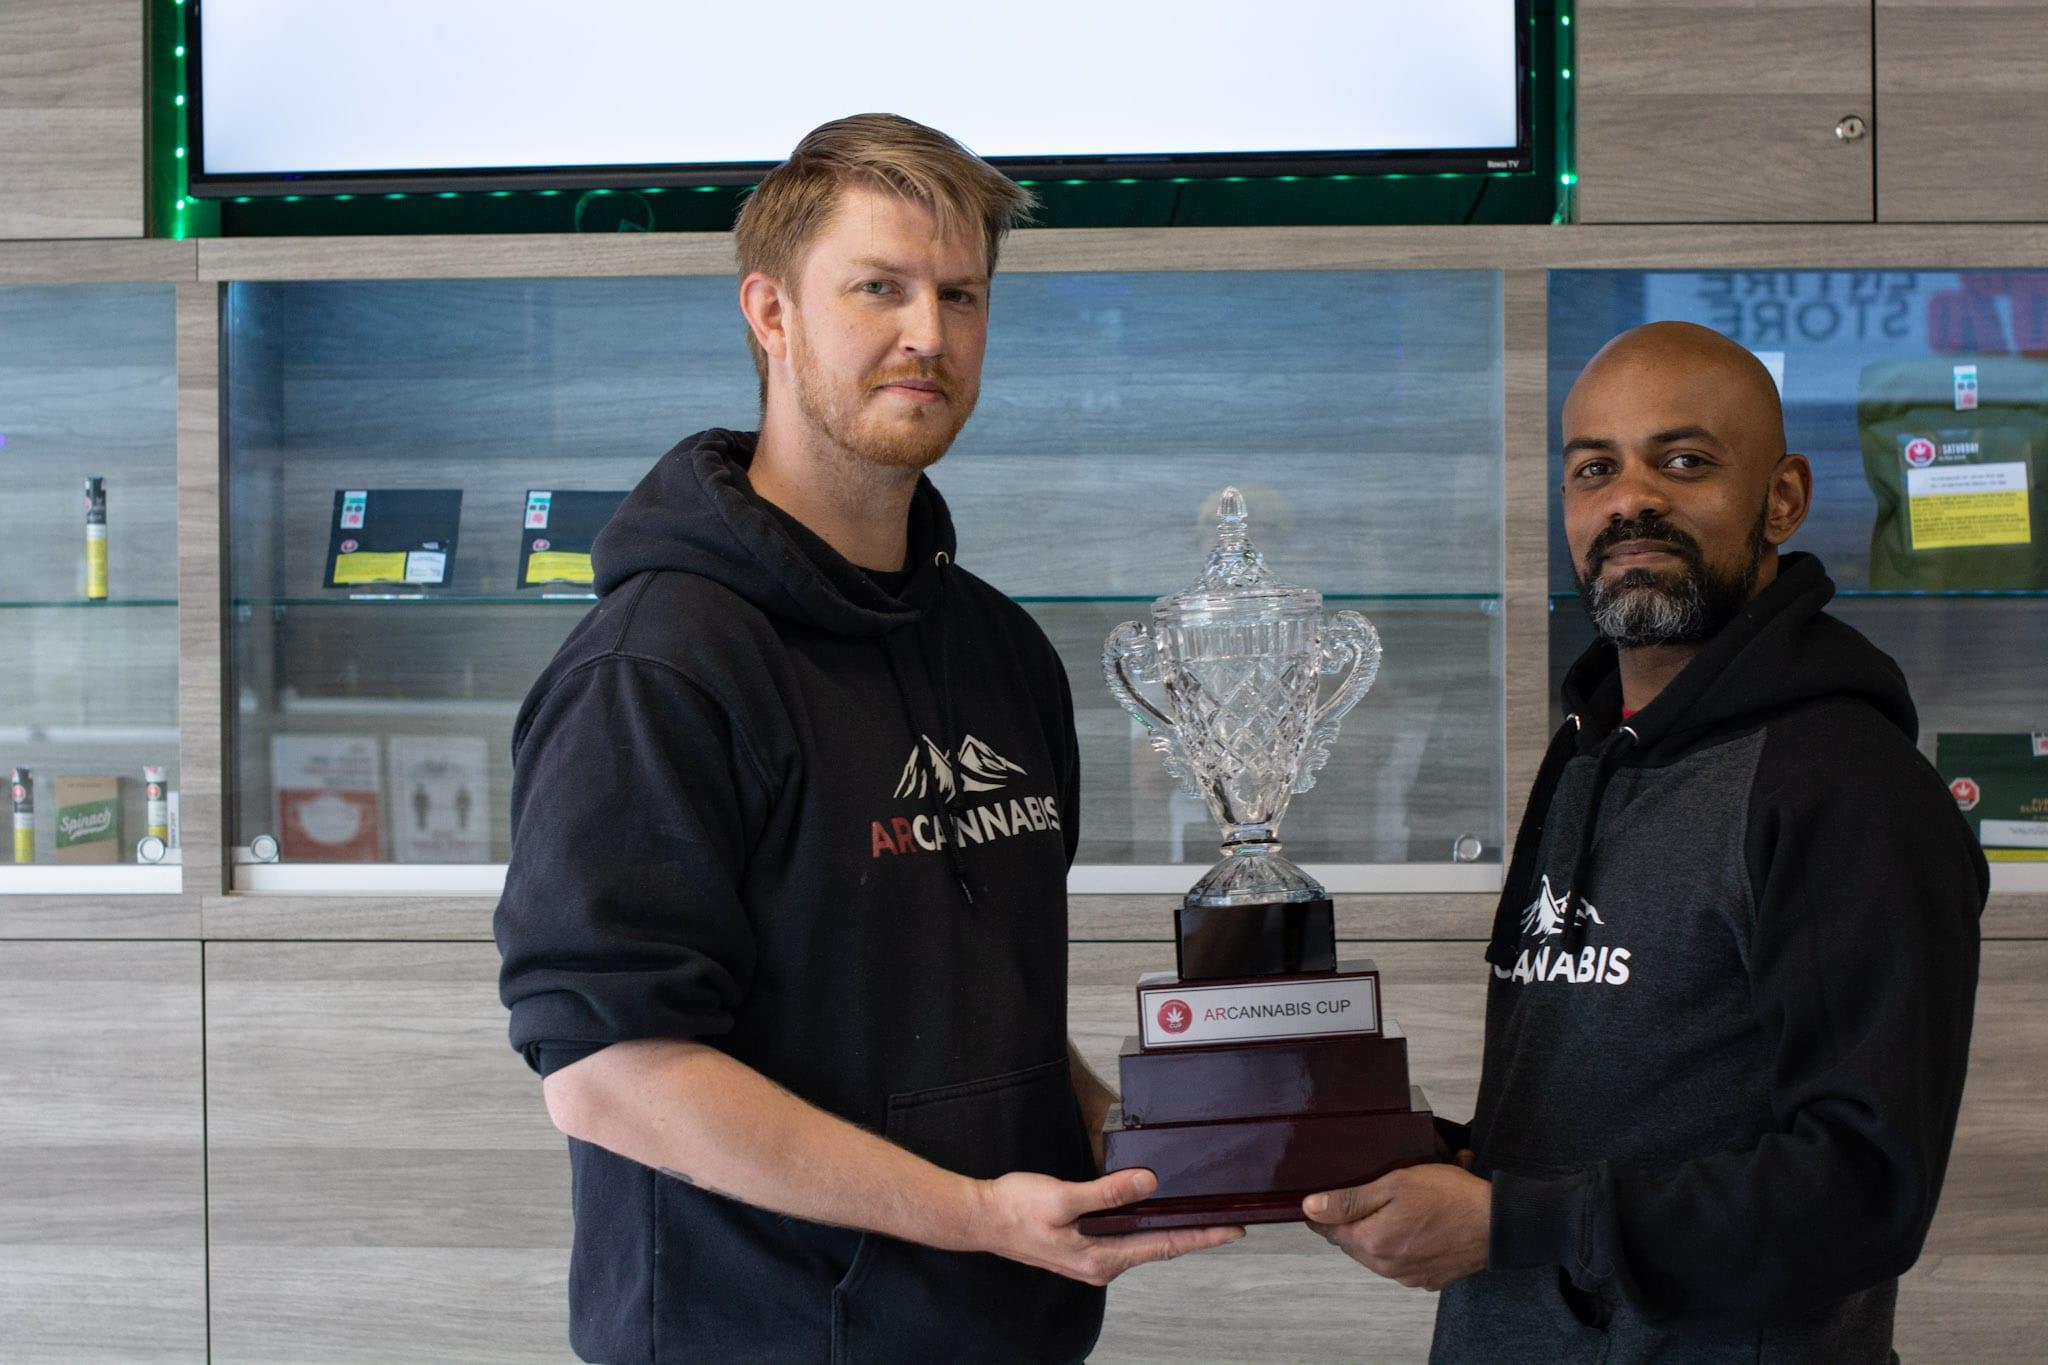 BLKMKT wins premier ARCannabis Cup